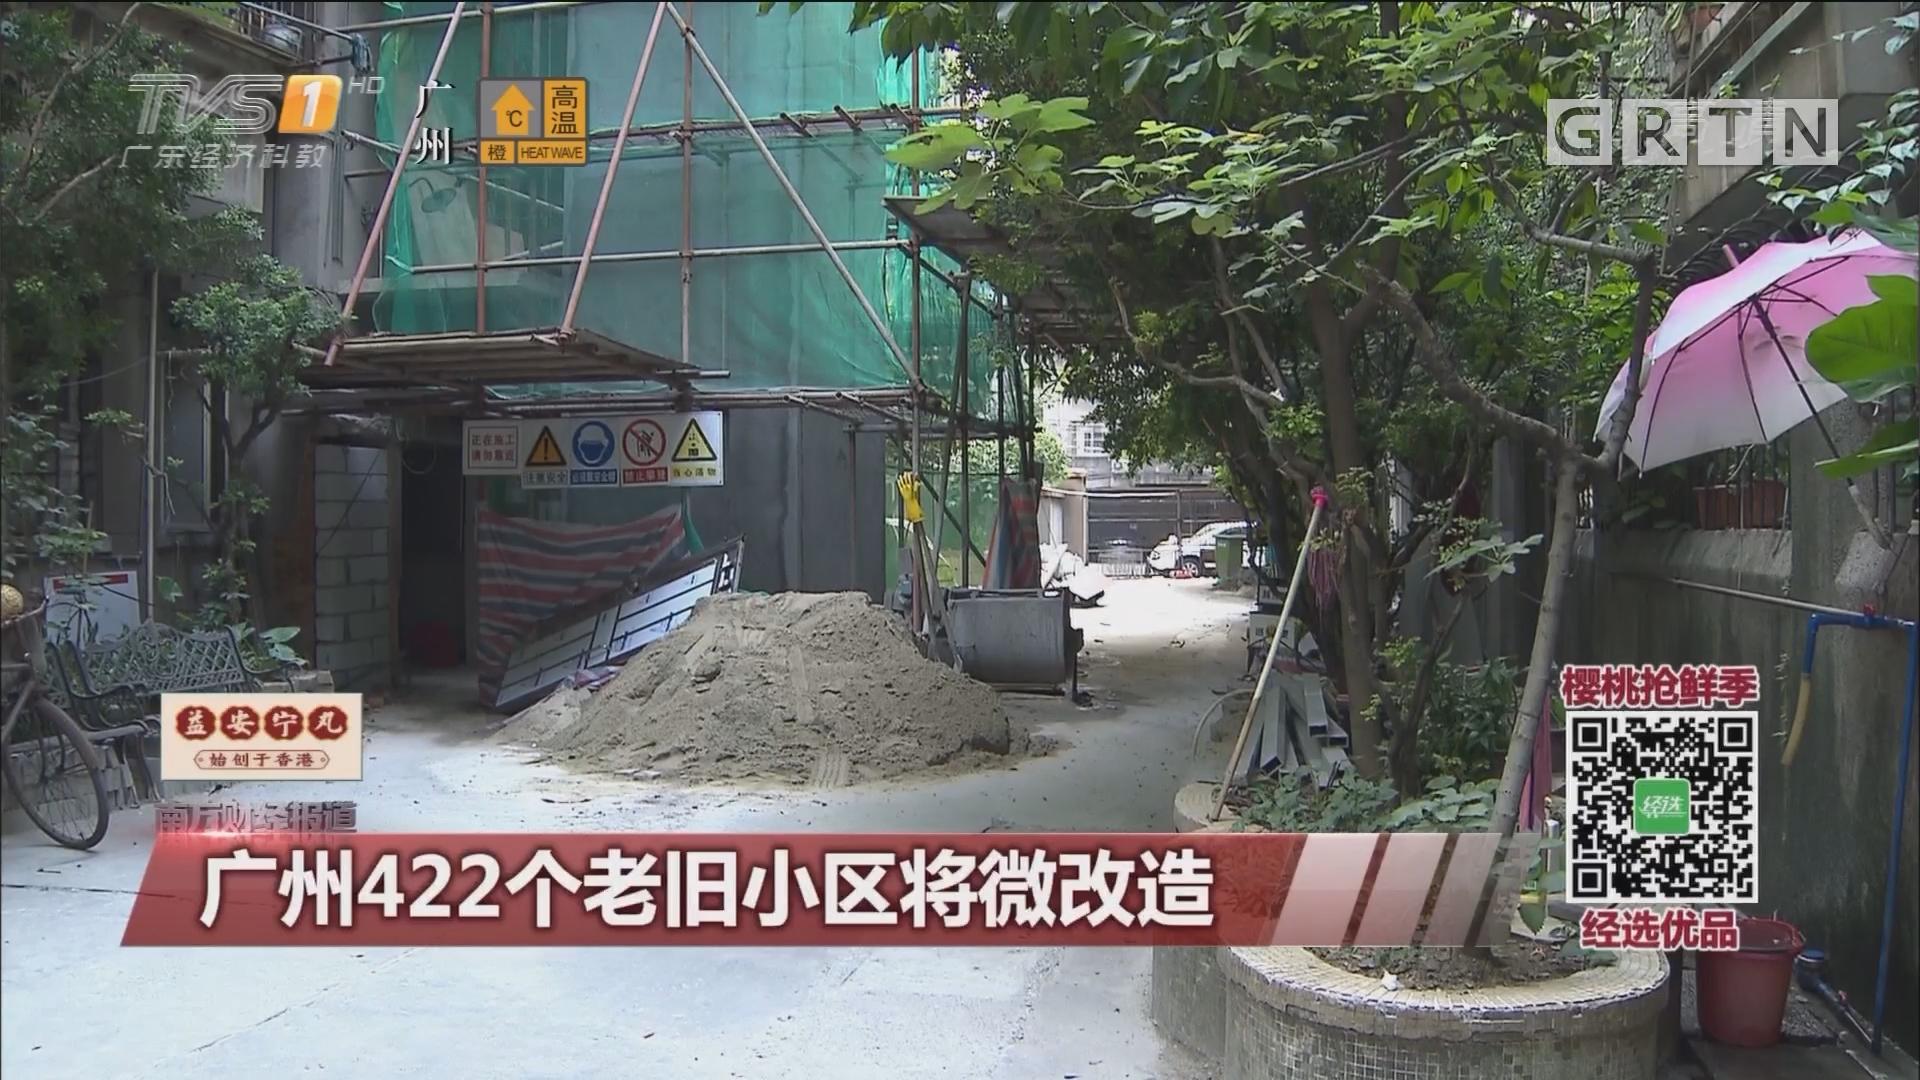 广州422个老旧小区将微改造